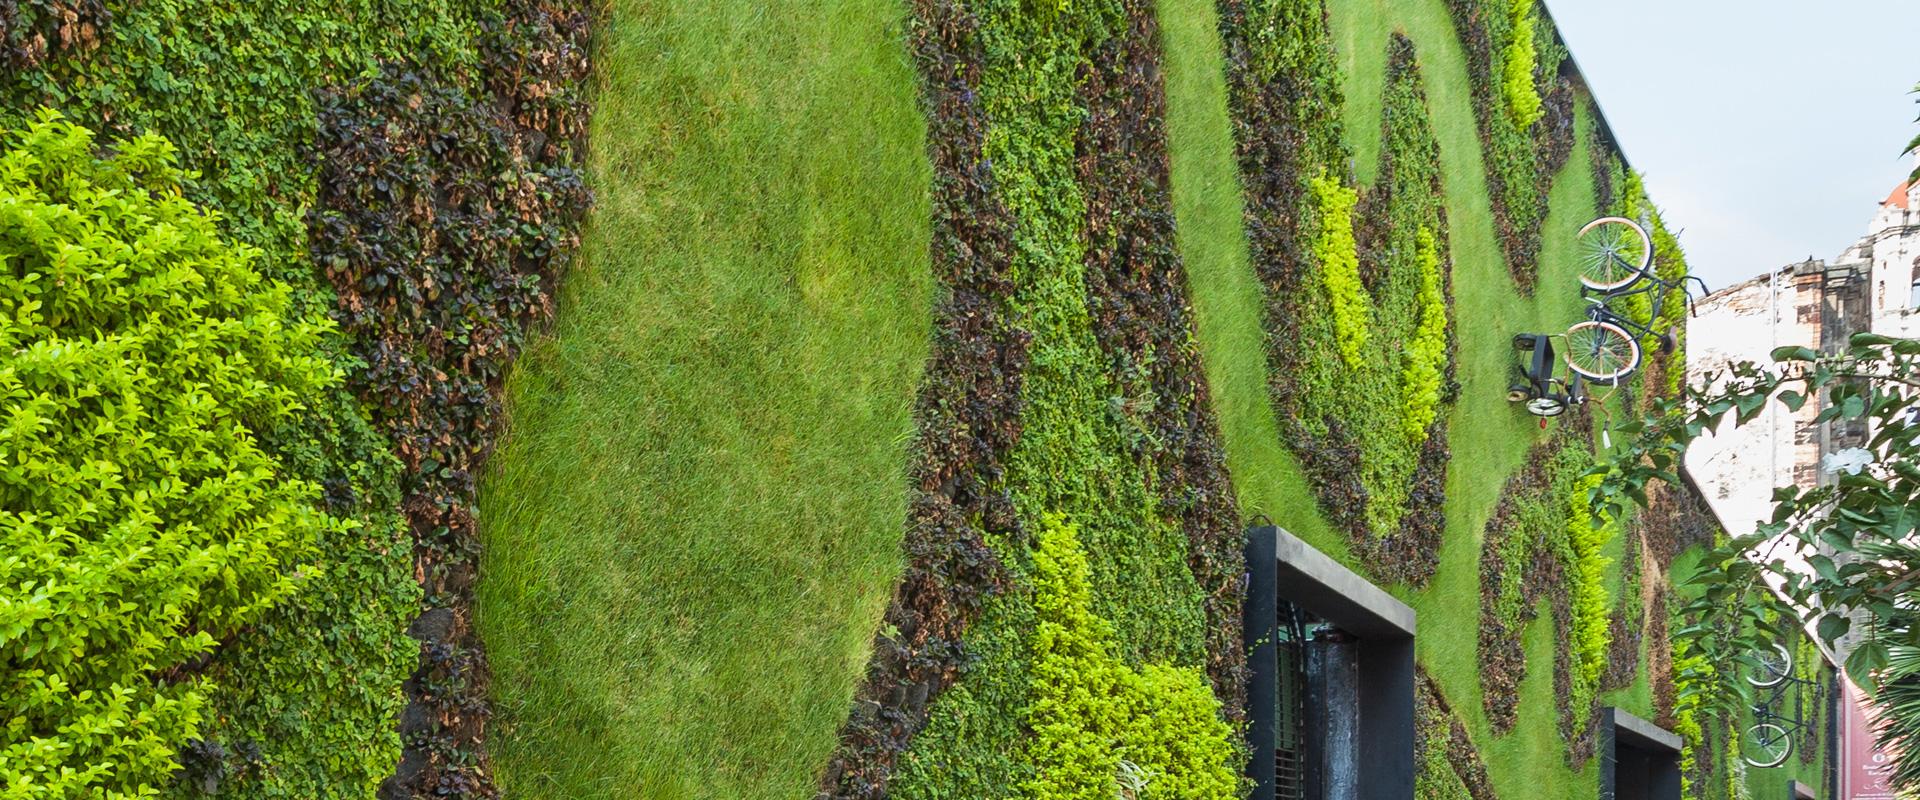 Un giardino verticale migliora la qualità della vita! Ecco i perché: - Vivai ...